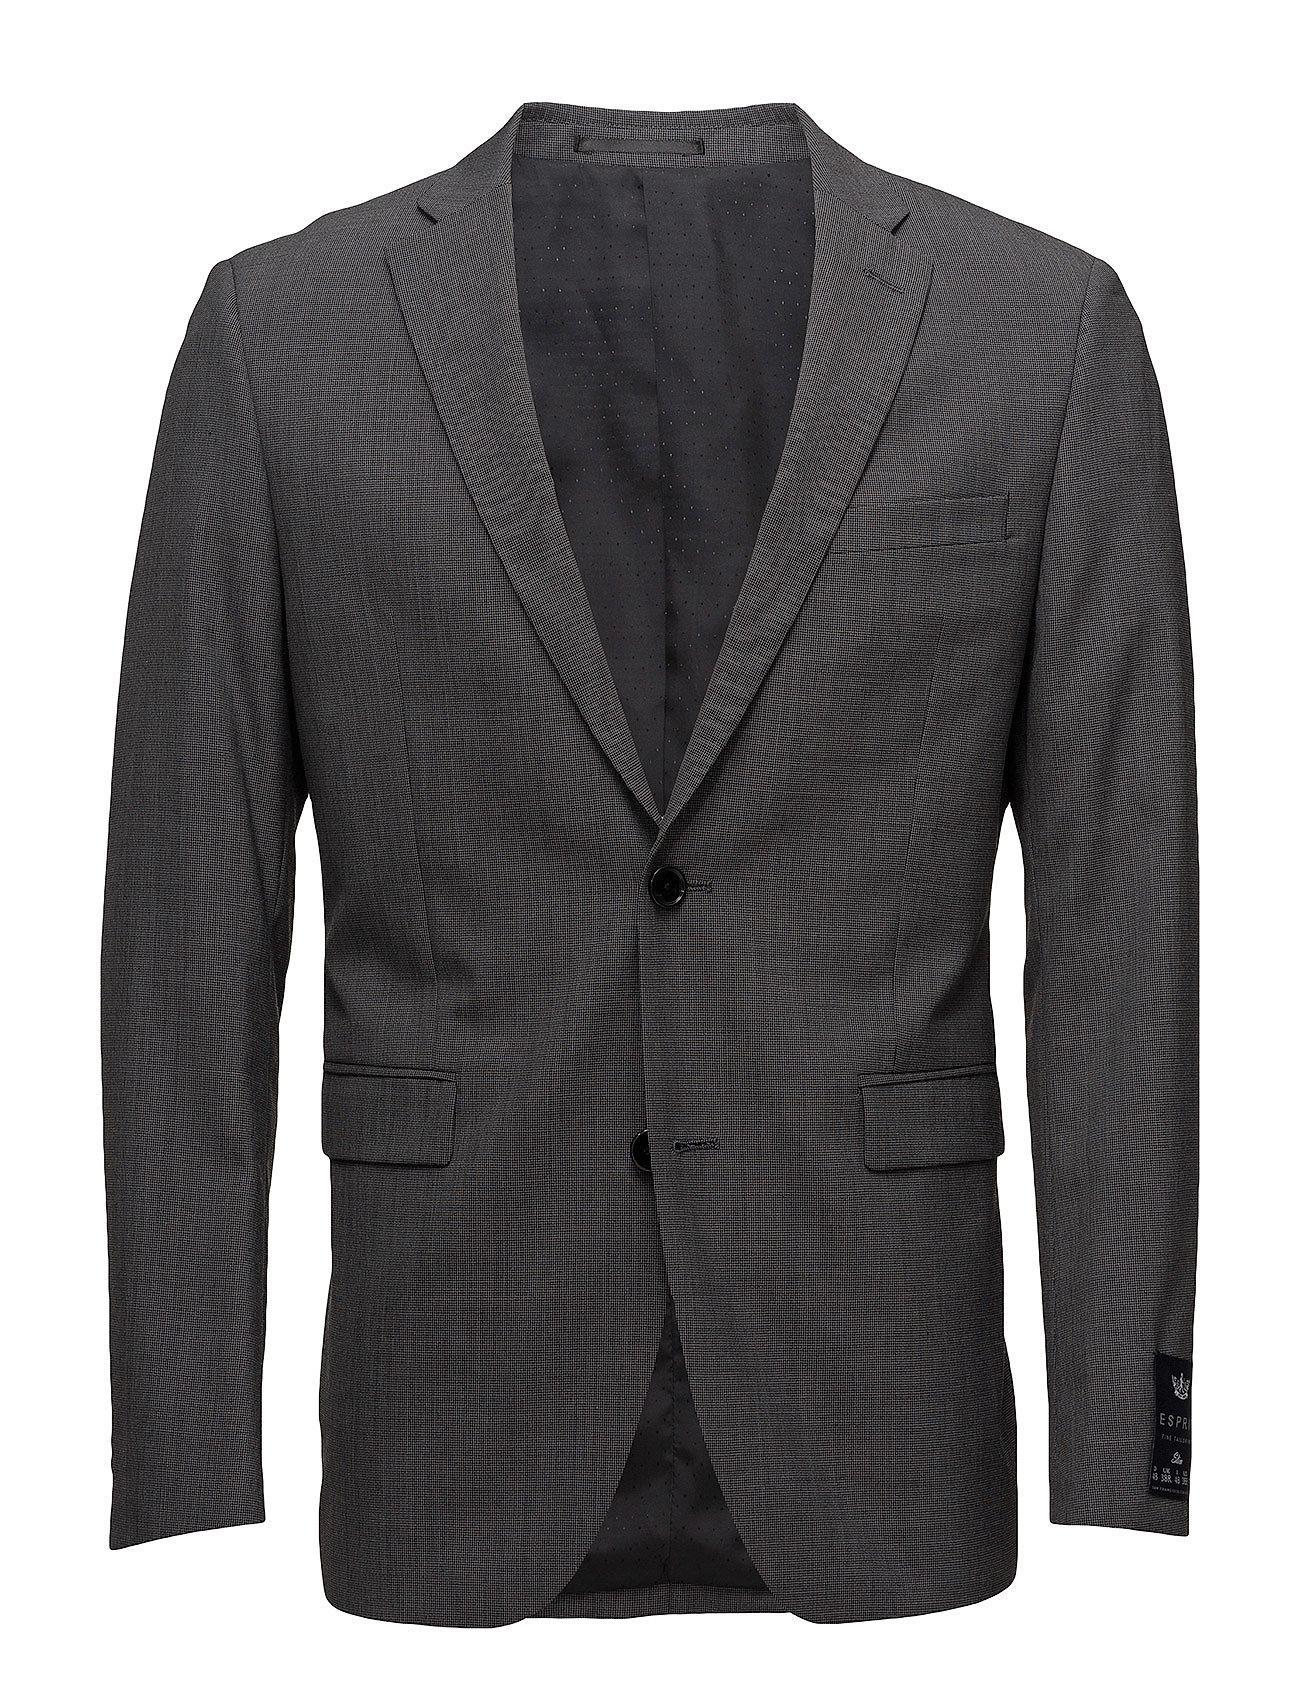 ESPRIT Blazers Suit Blazer Jackett Grau ESPRIT COLLECTION